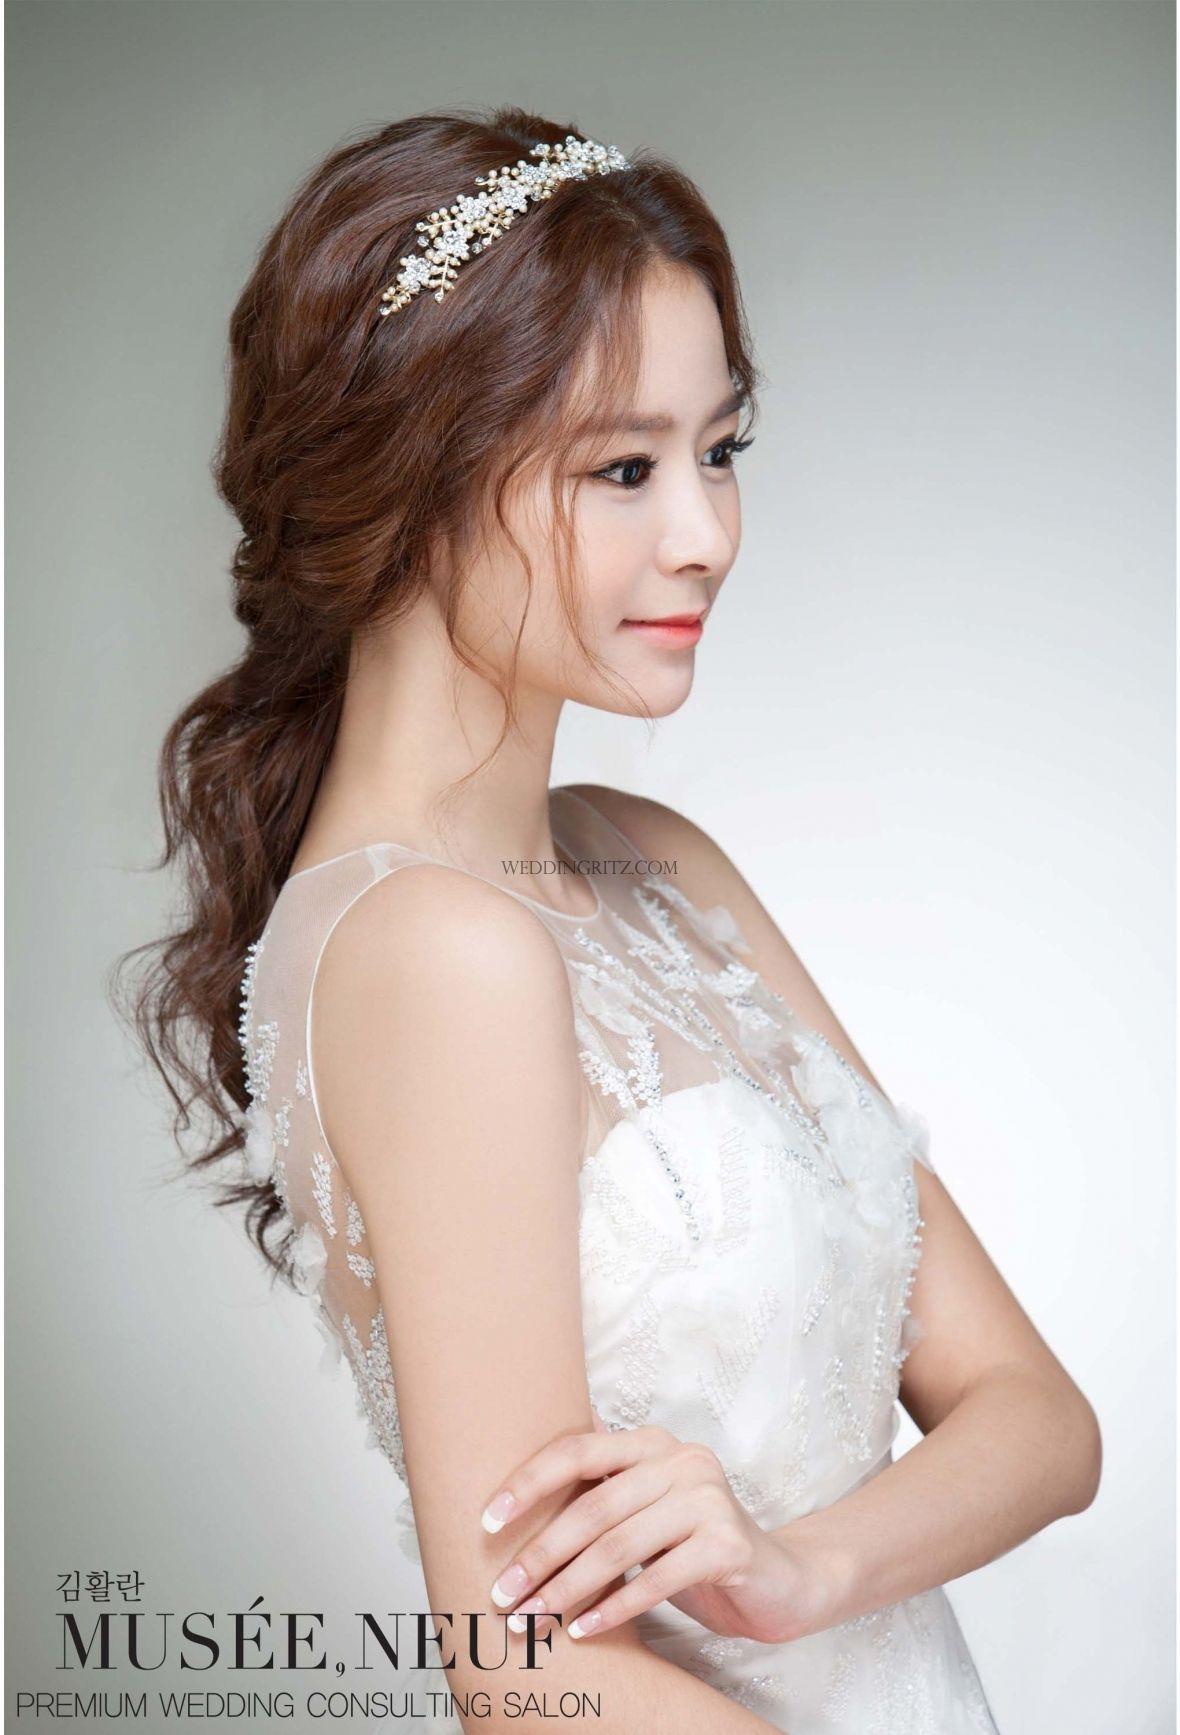 Musee neuf in korea hair u makeup sample wedding hairstyle